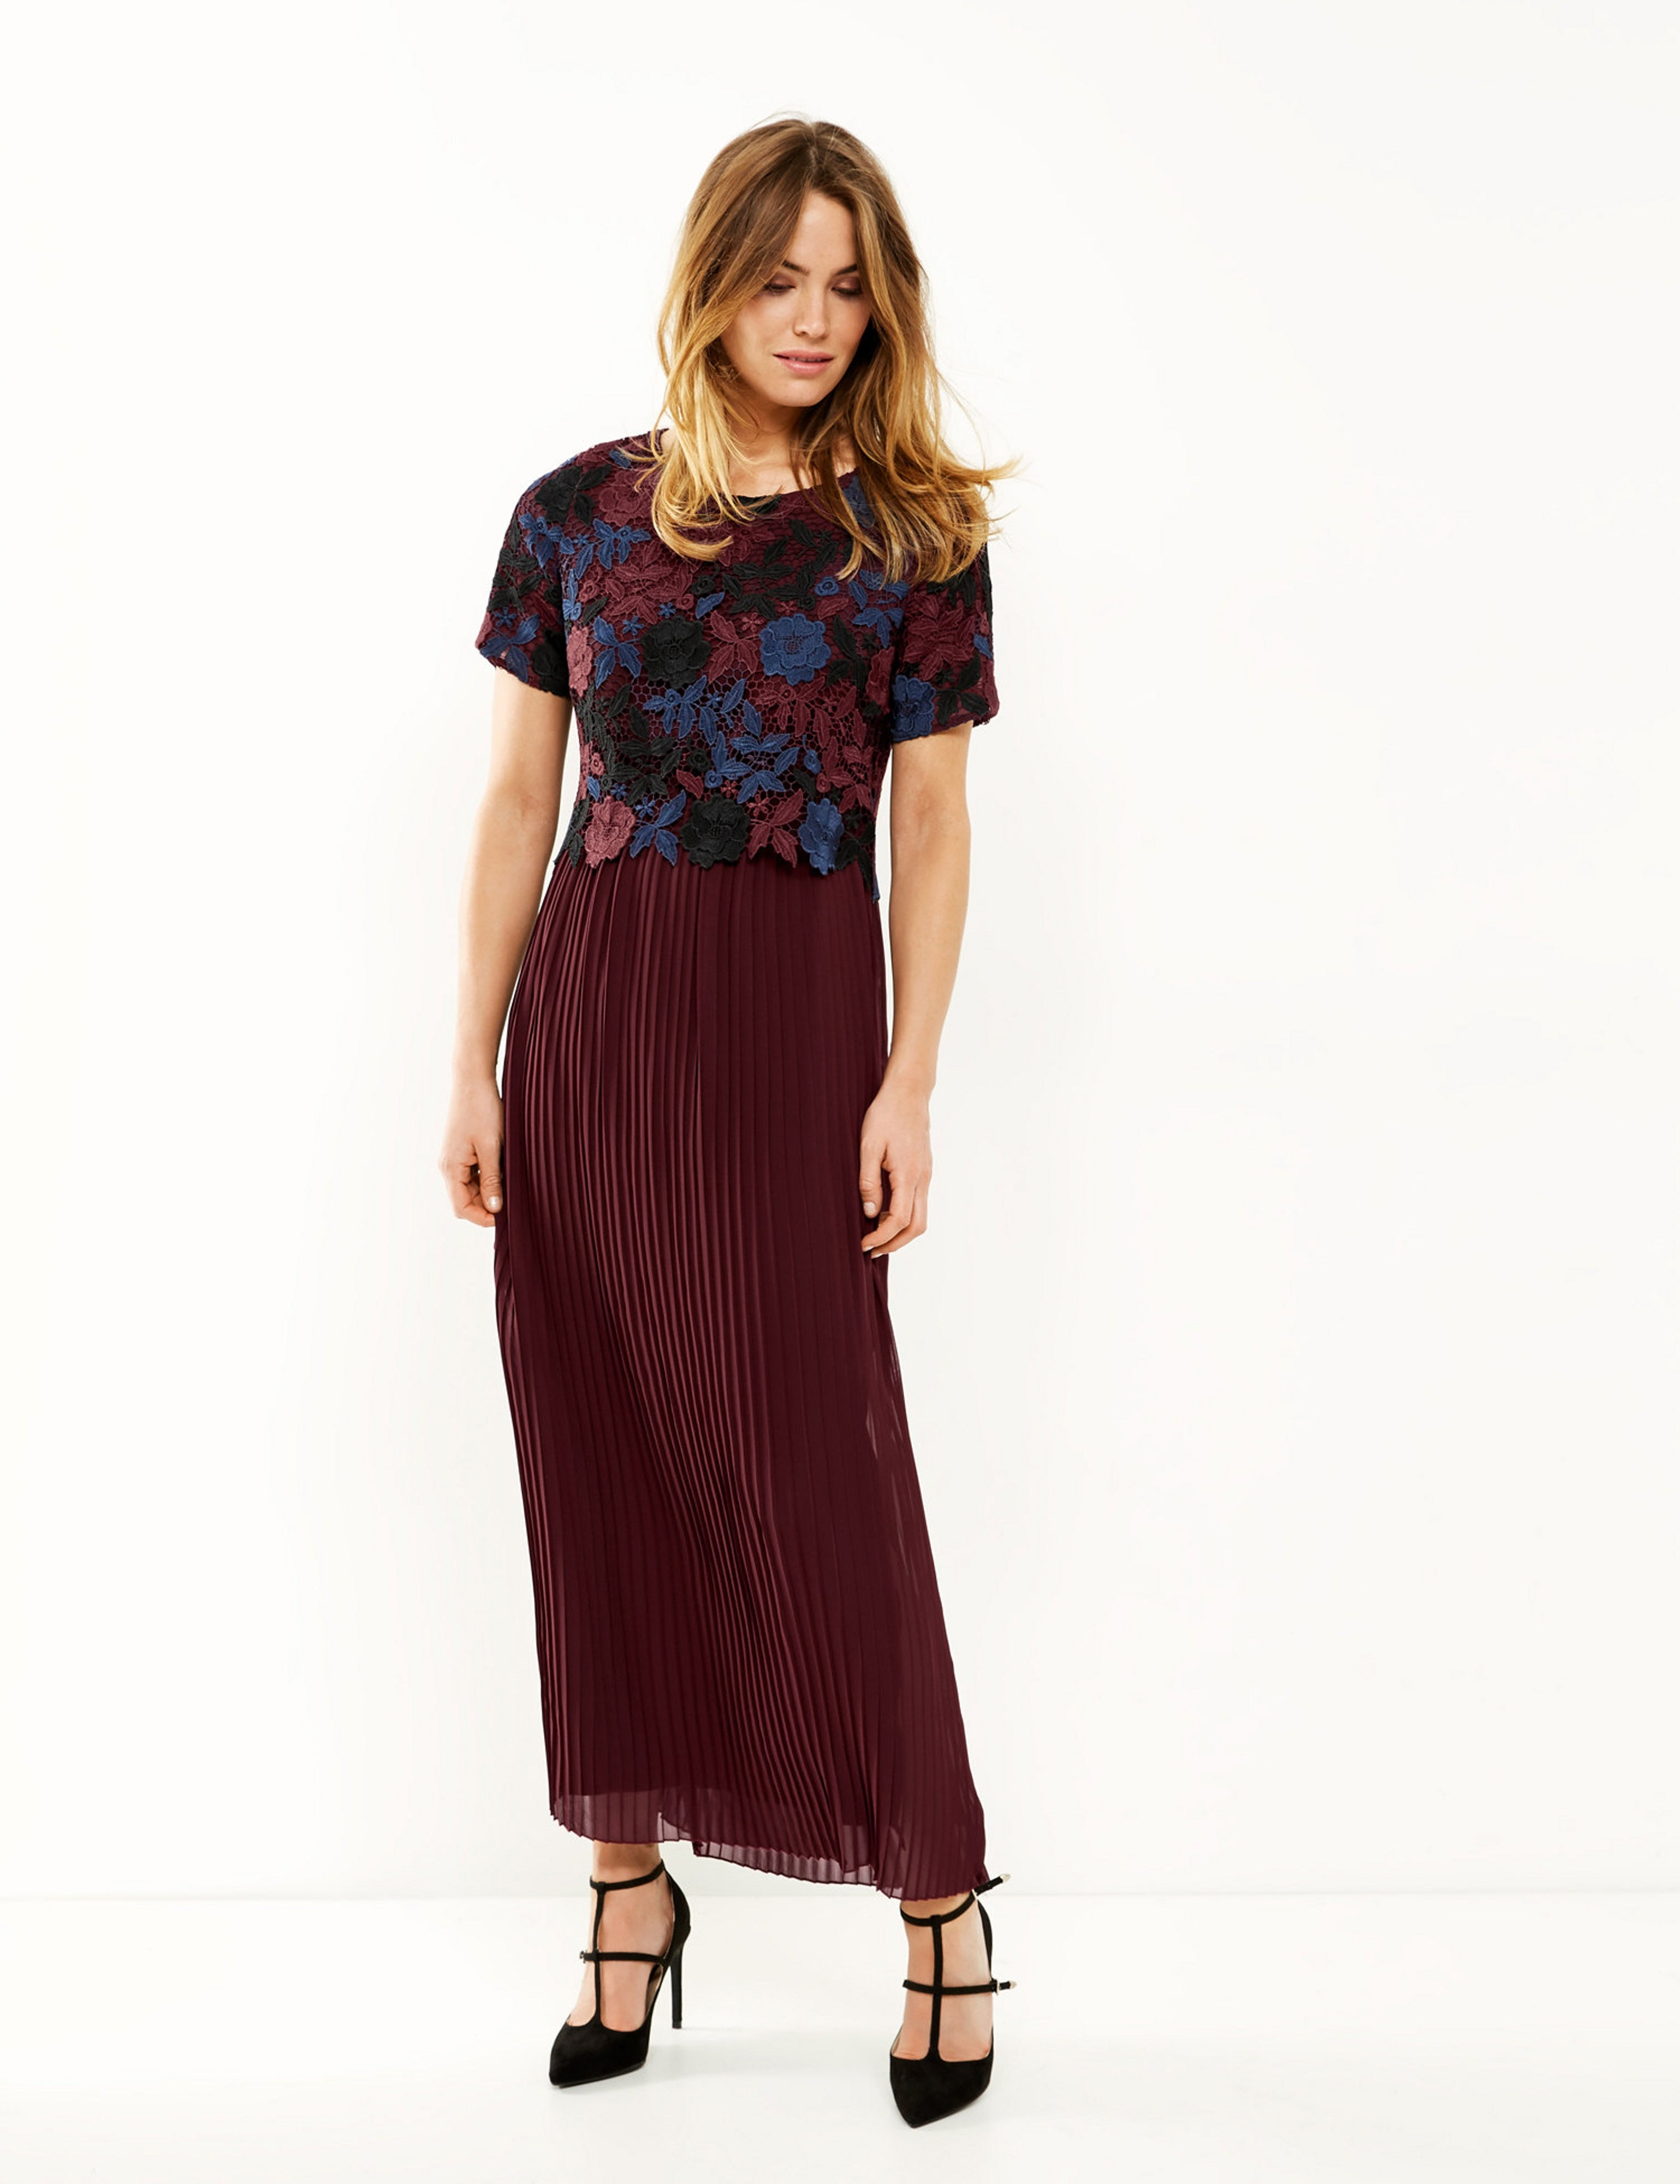 17 Genial Abendkleider Mit Spitze Kurz BoutiqueDesigner Spektakulär Abendkleider Mit Spitze Kurz Design